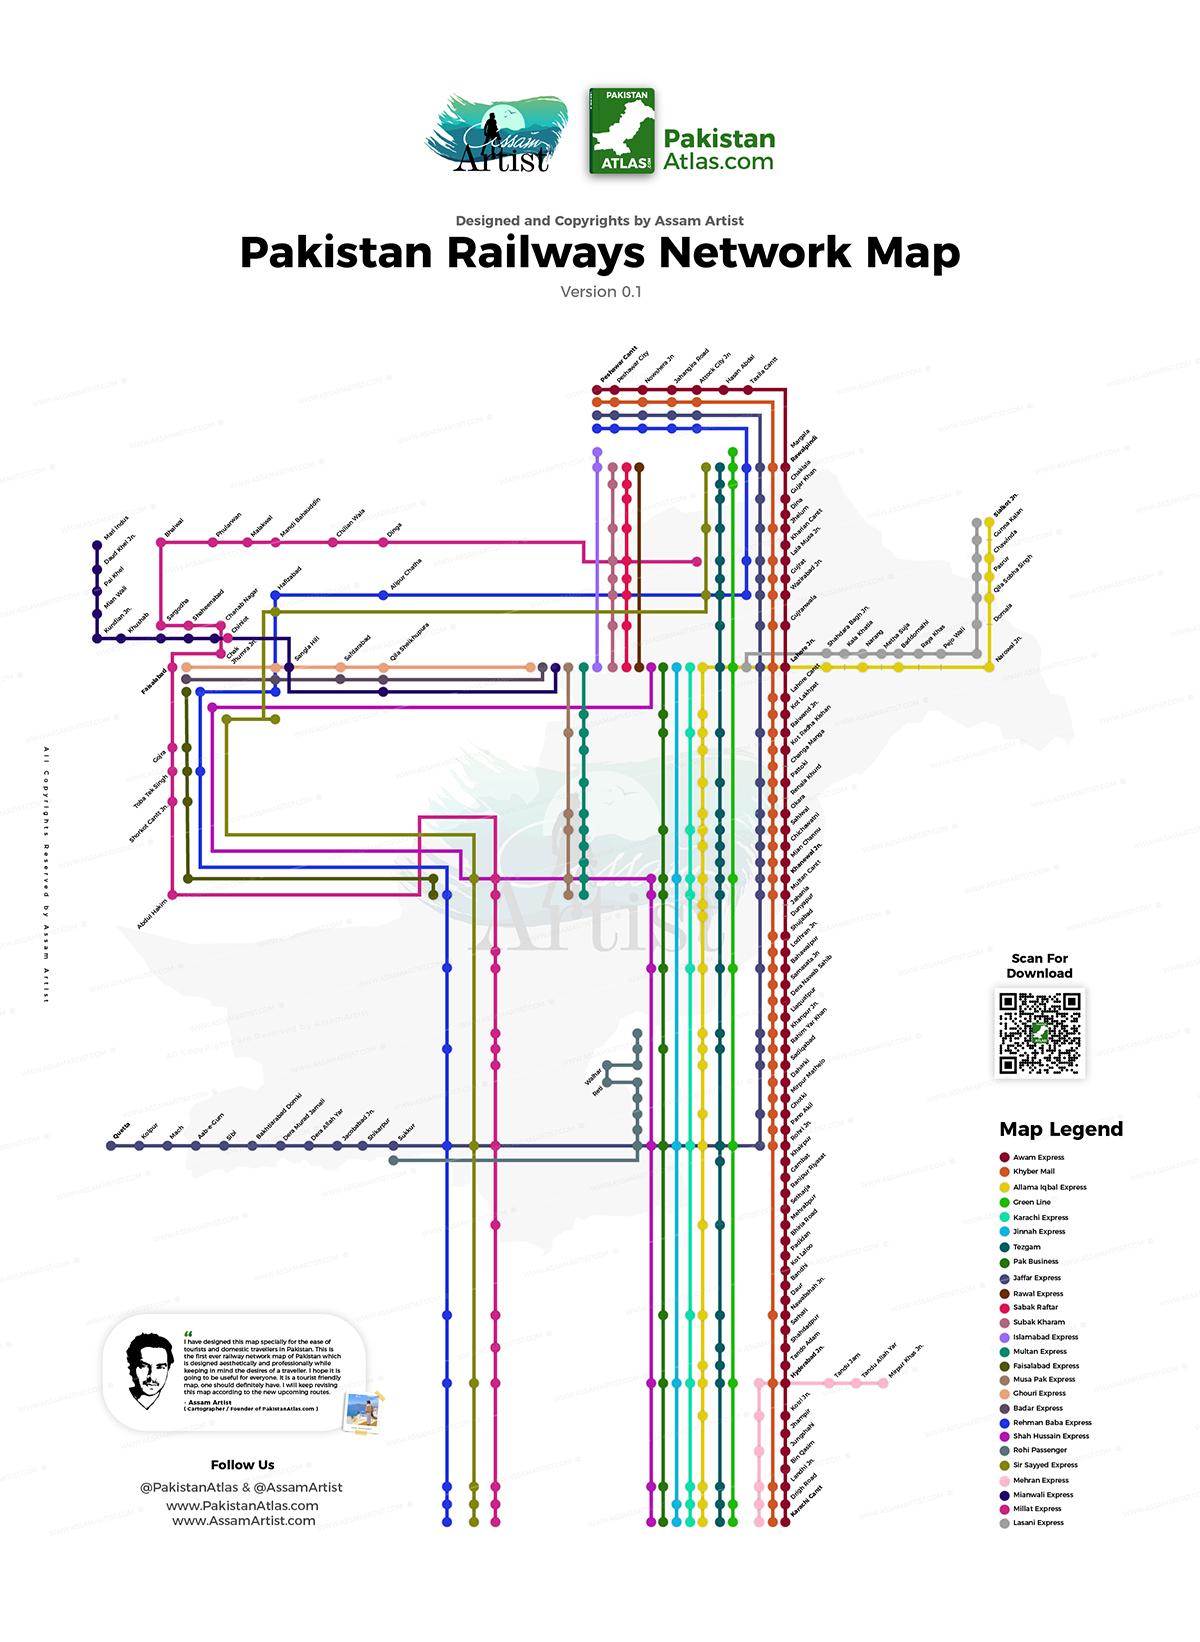 Pakistan Railways Network Map by Assam Artist